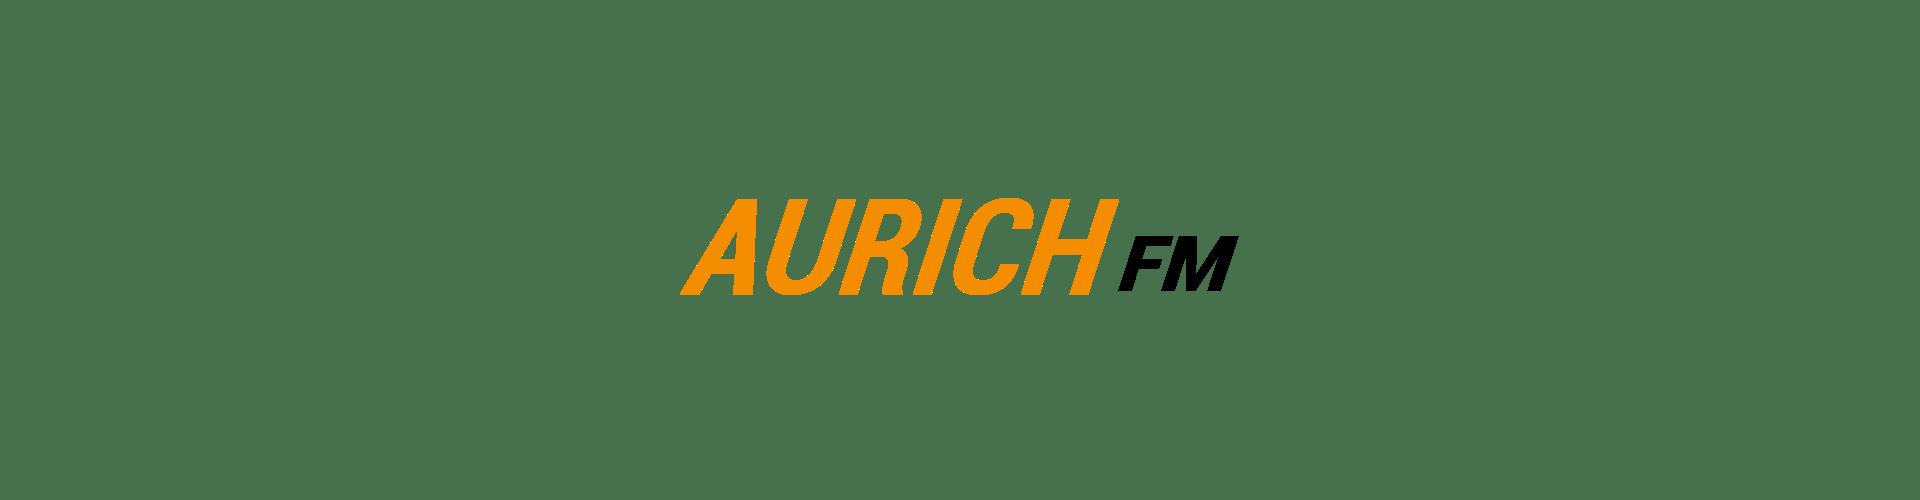 Aurich FM